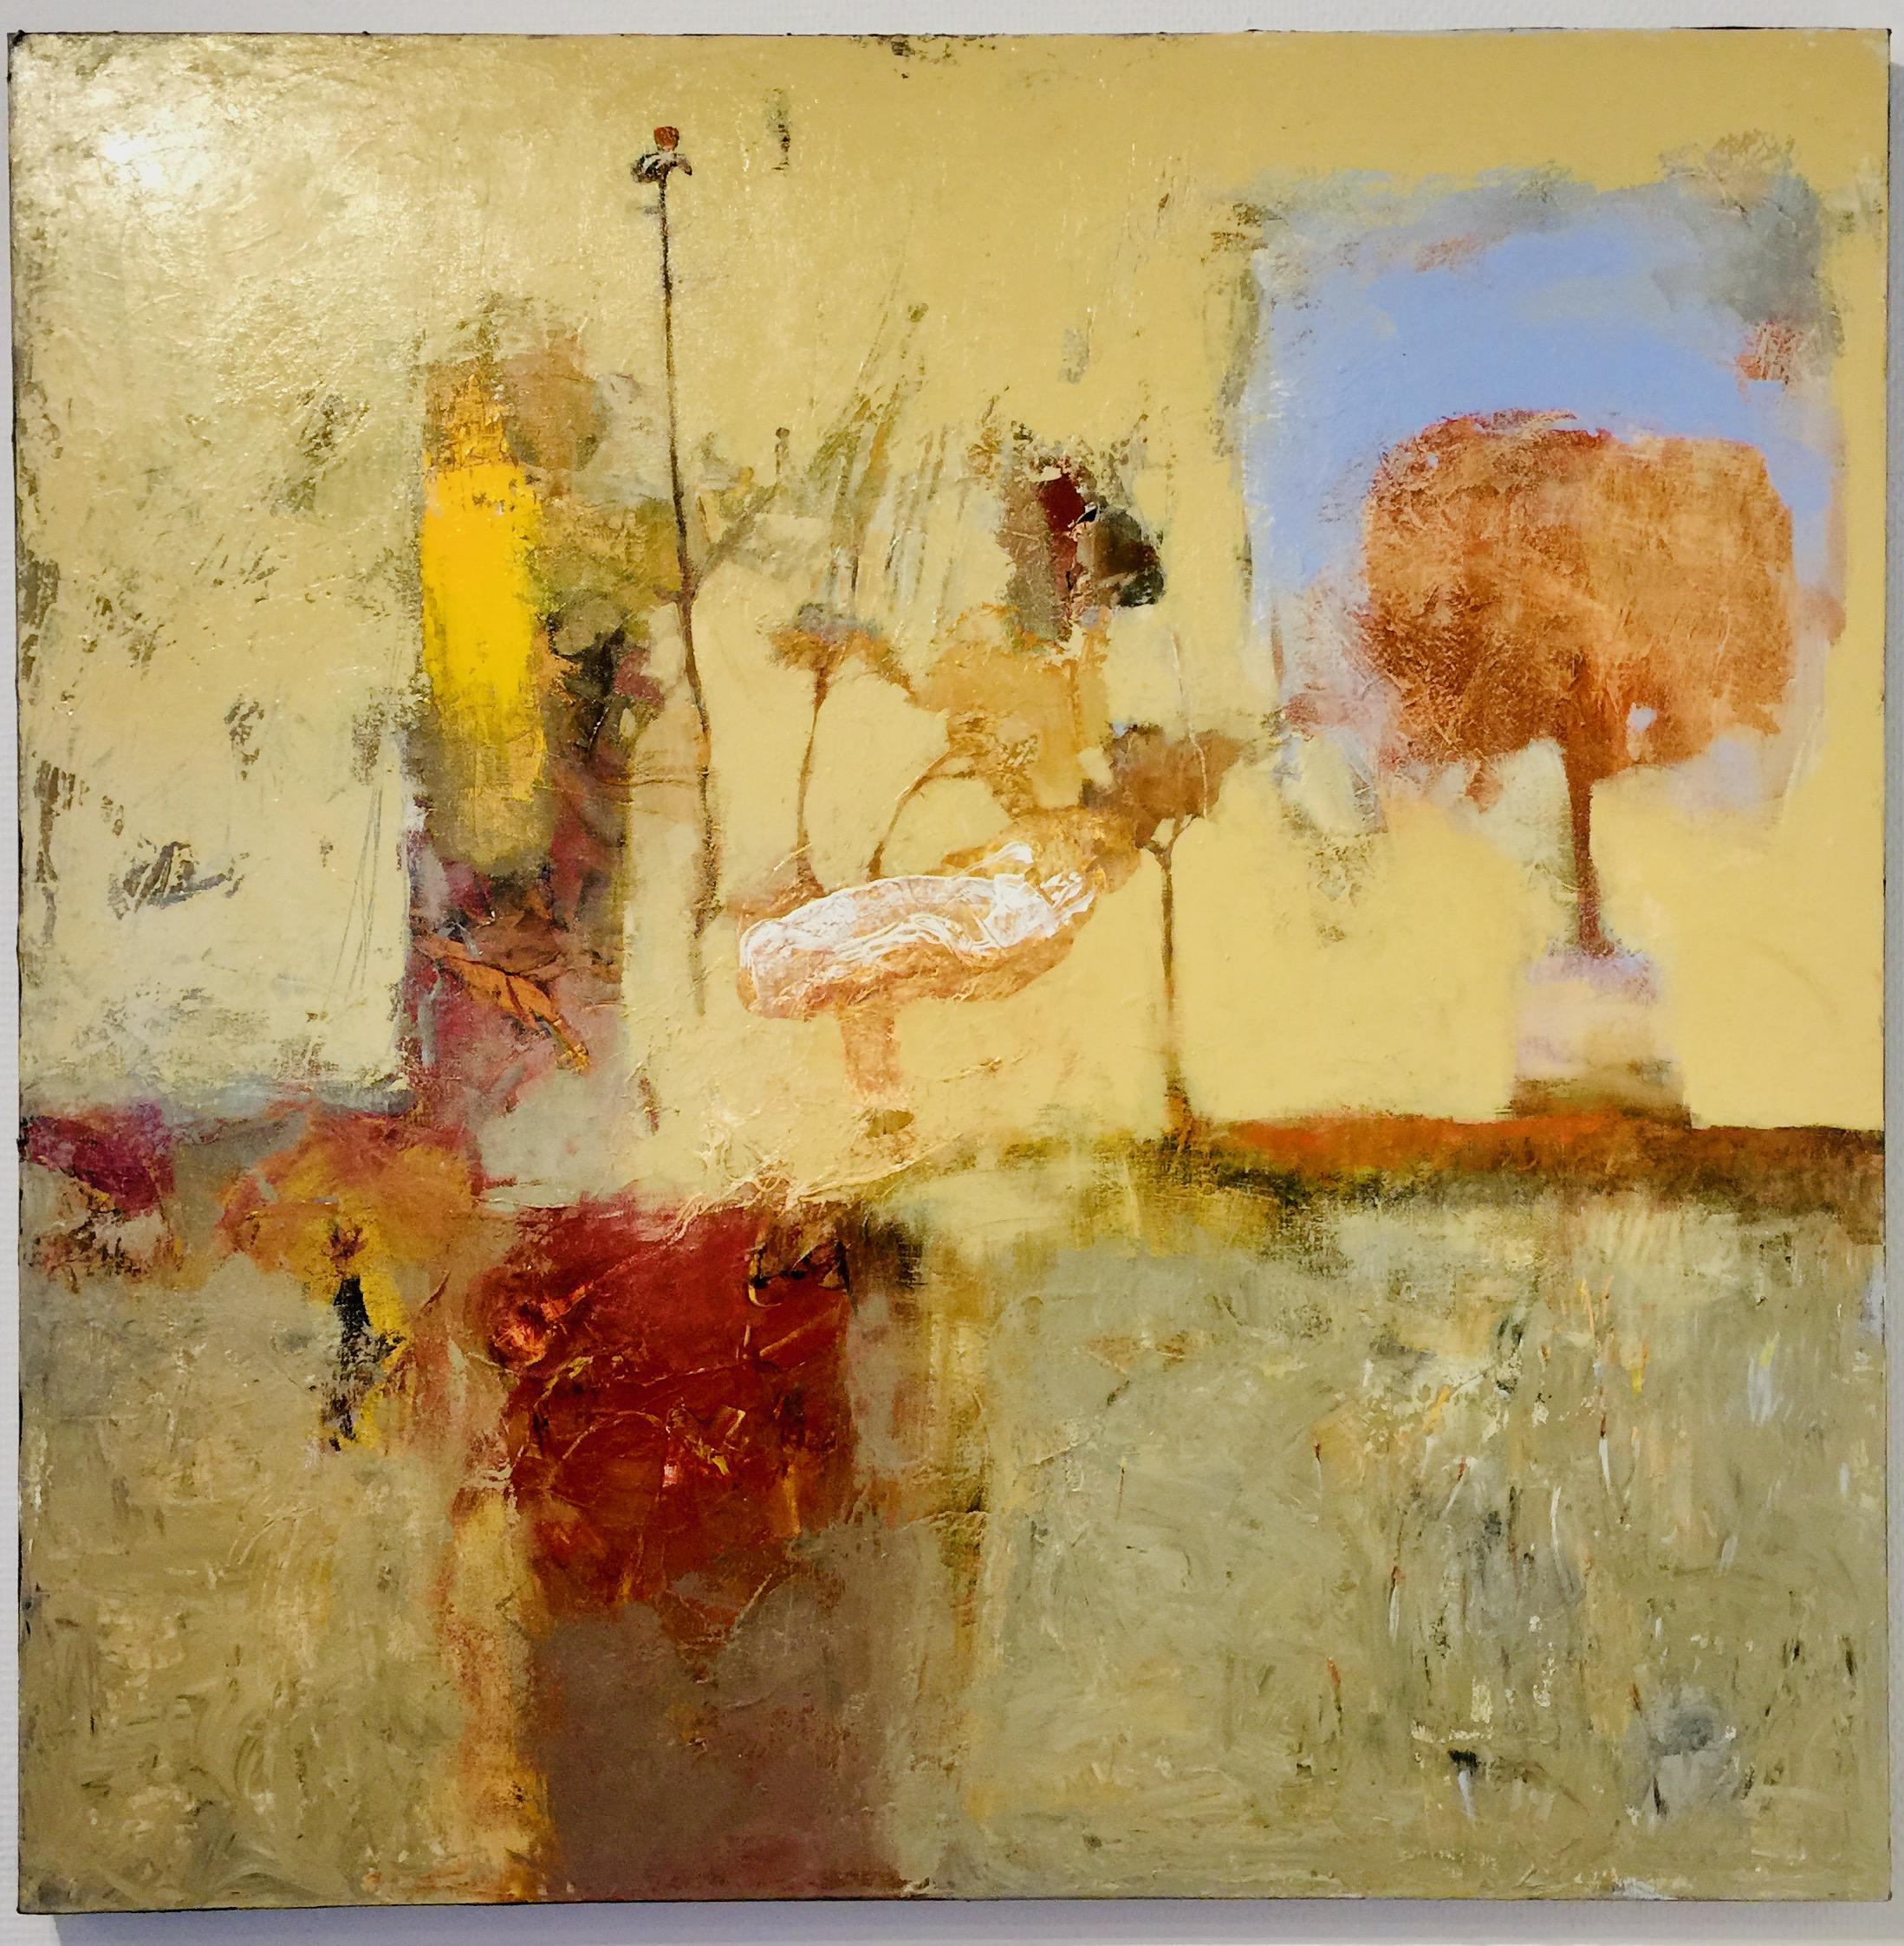 Oleg Bondarenko - Secret dance of Nature IV, oil painting